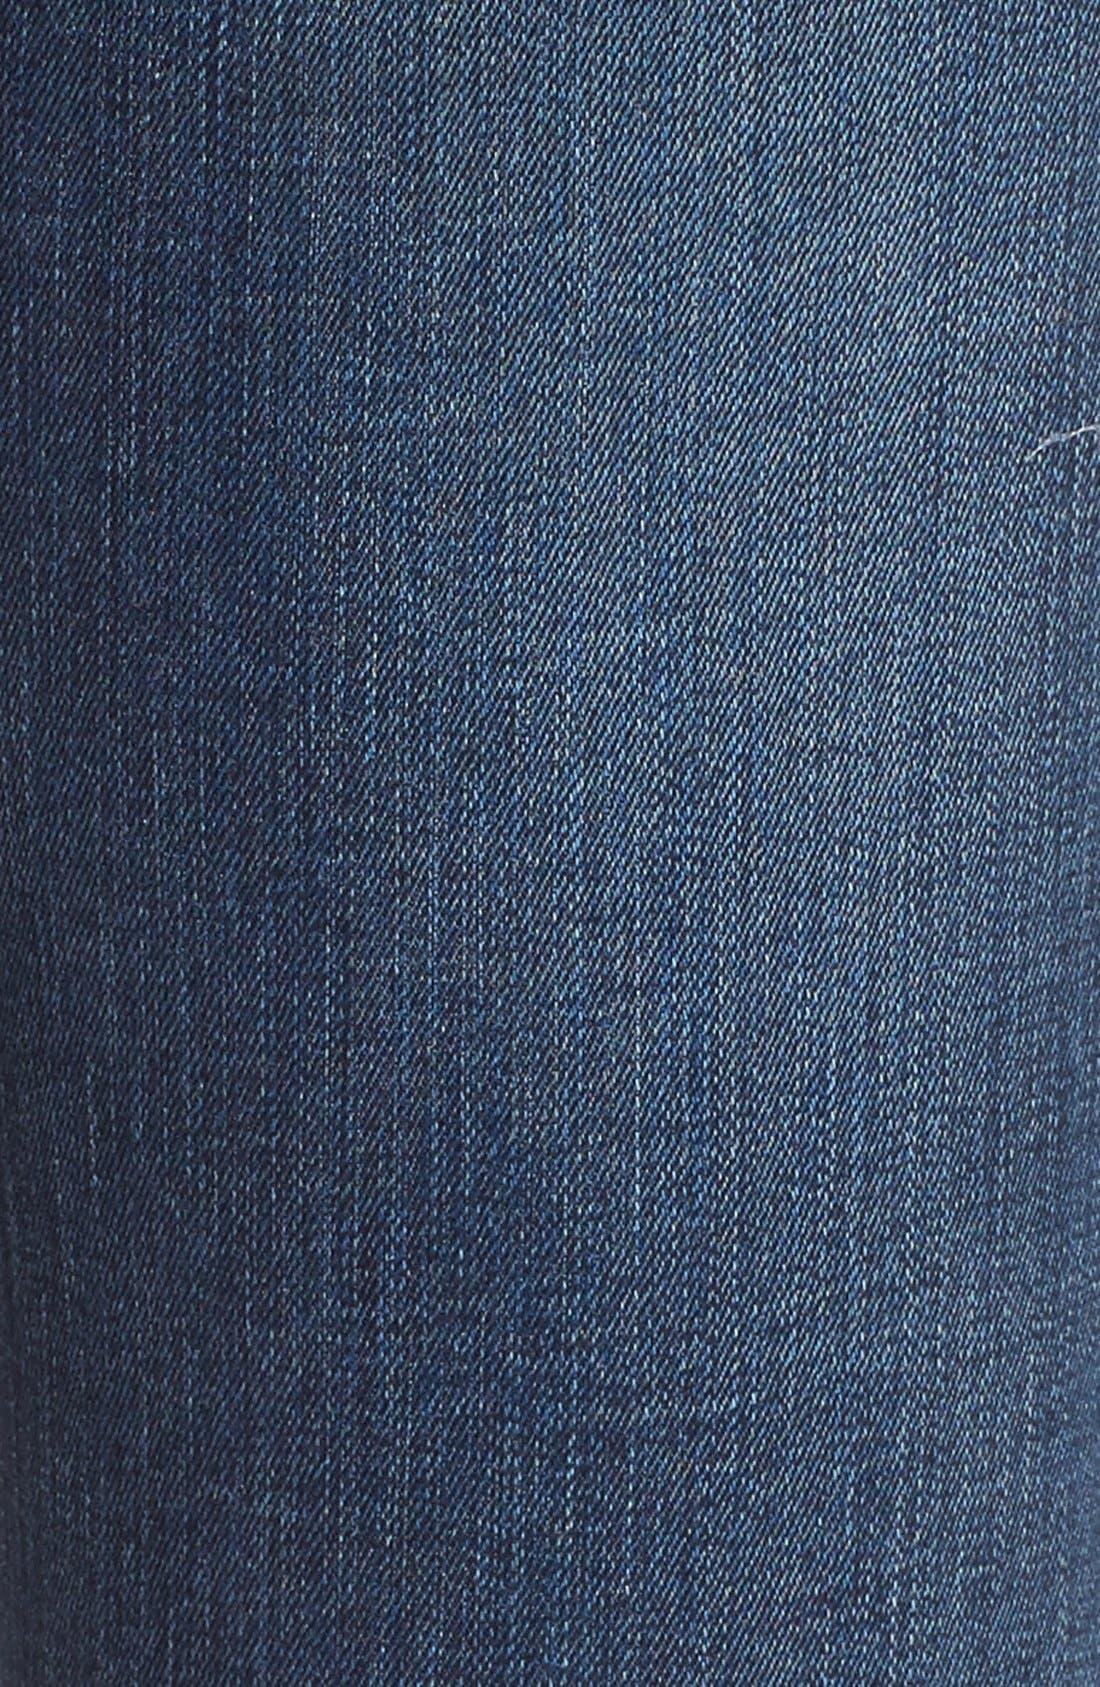 Alternate Image 5  - 7 For All Mankind® Destroyed Skinny Jeans (Dark Vintage Blue)